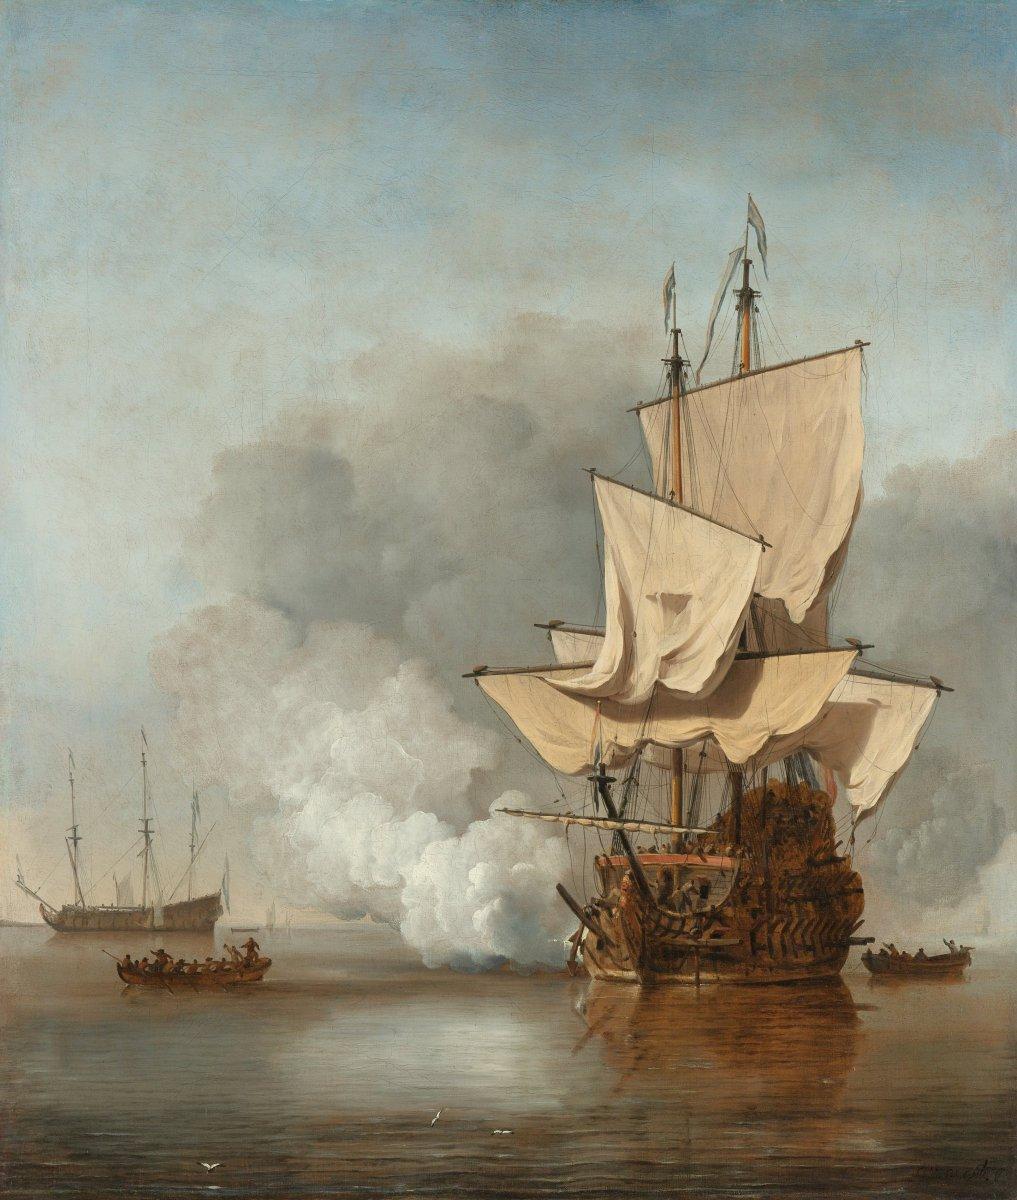 Het Kanonschot - Willem van de Velde.jpg